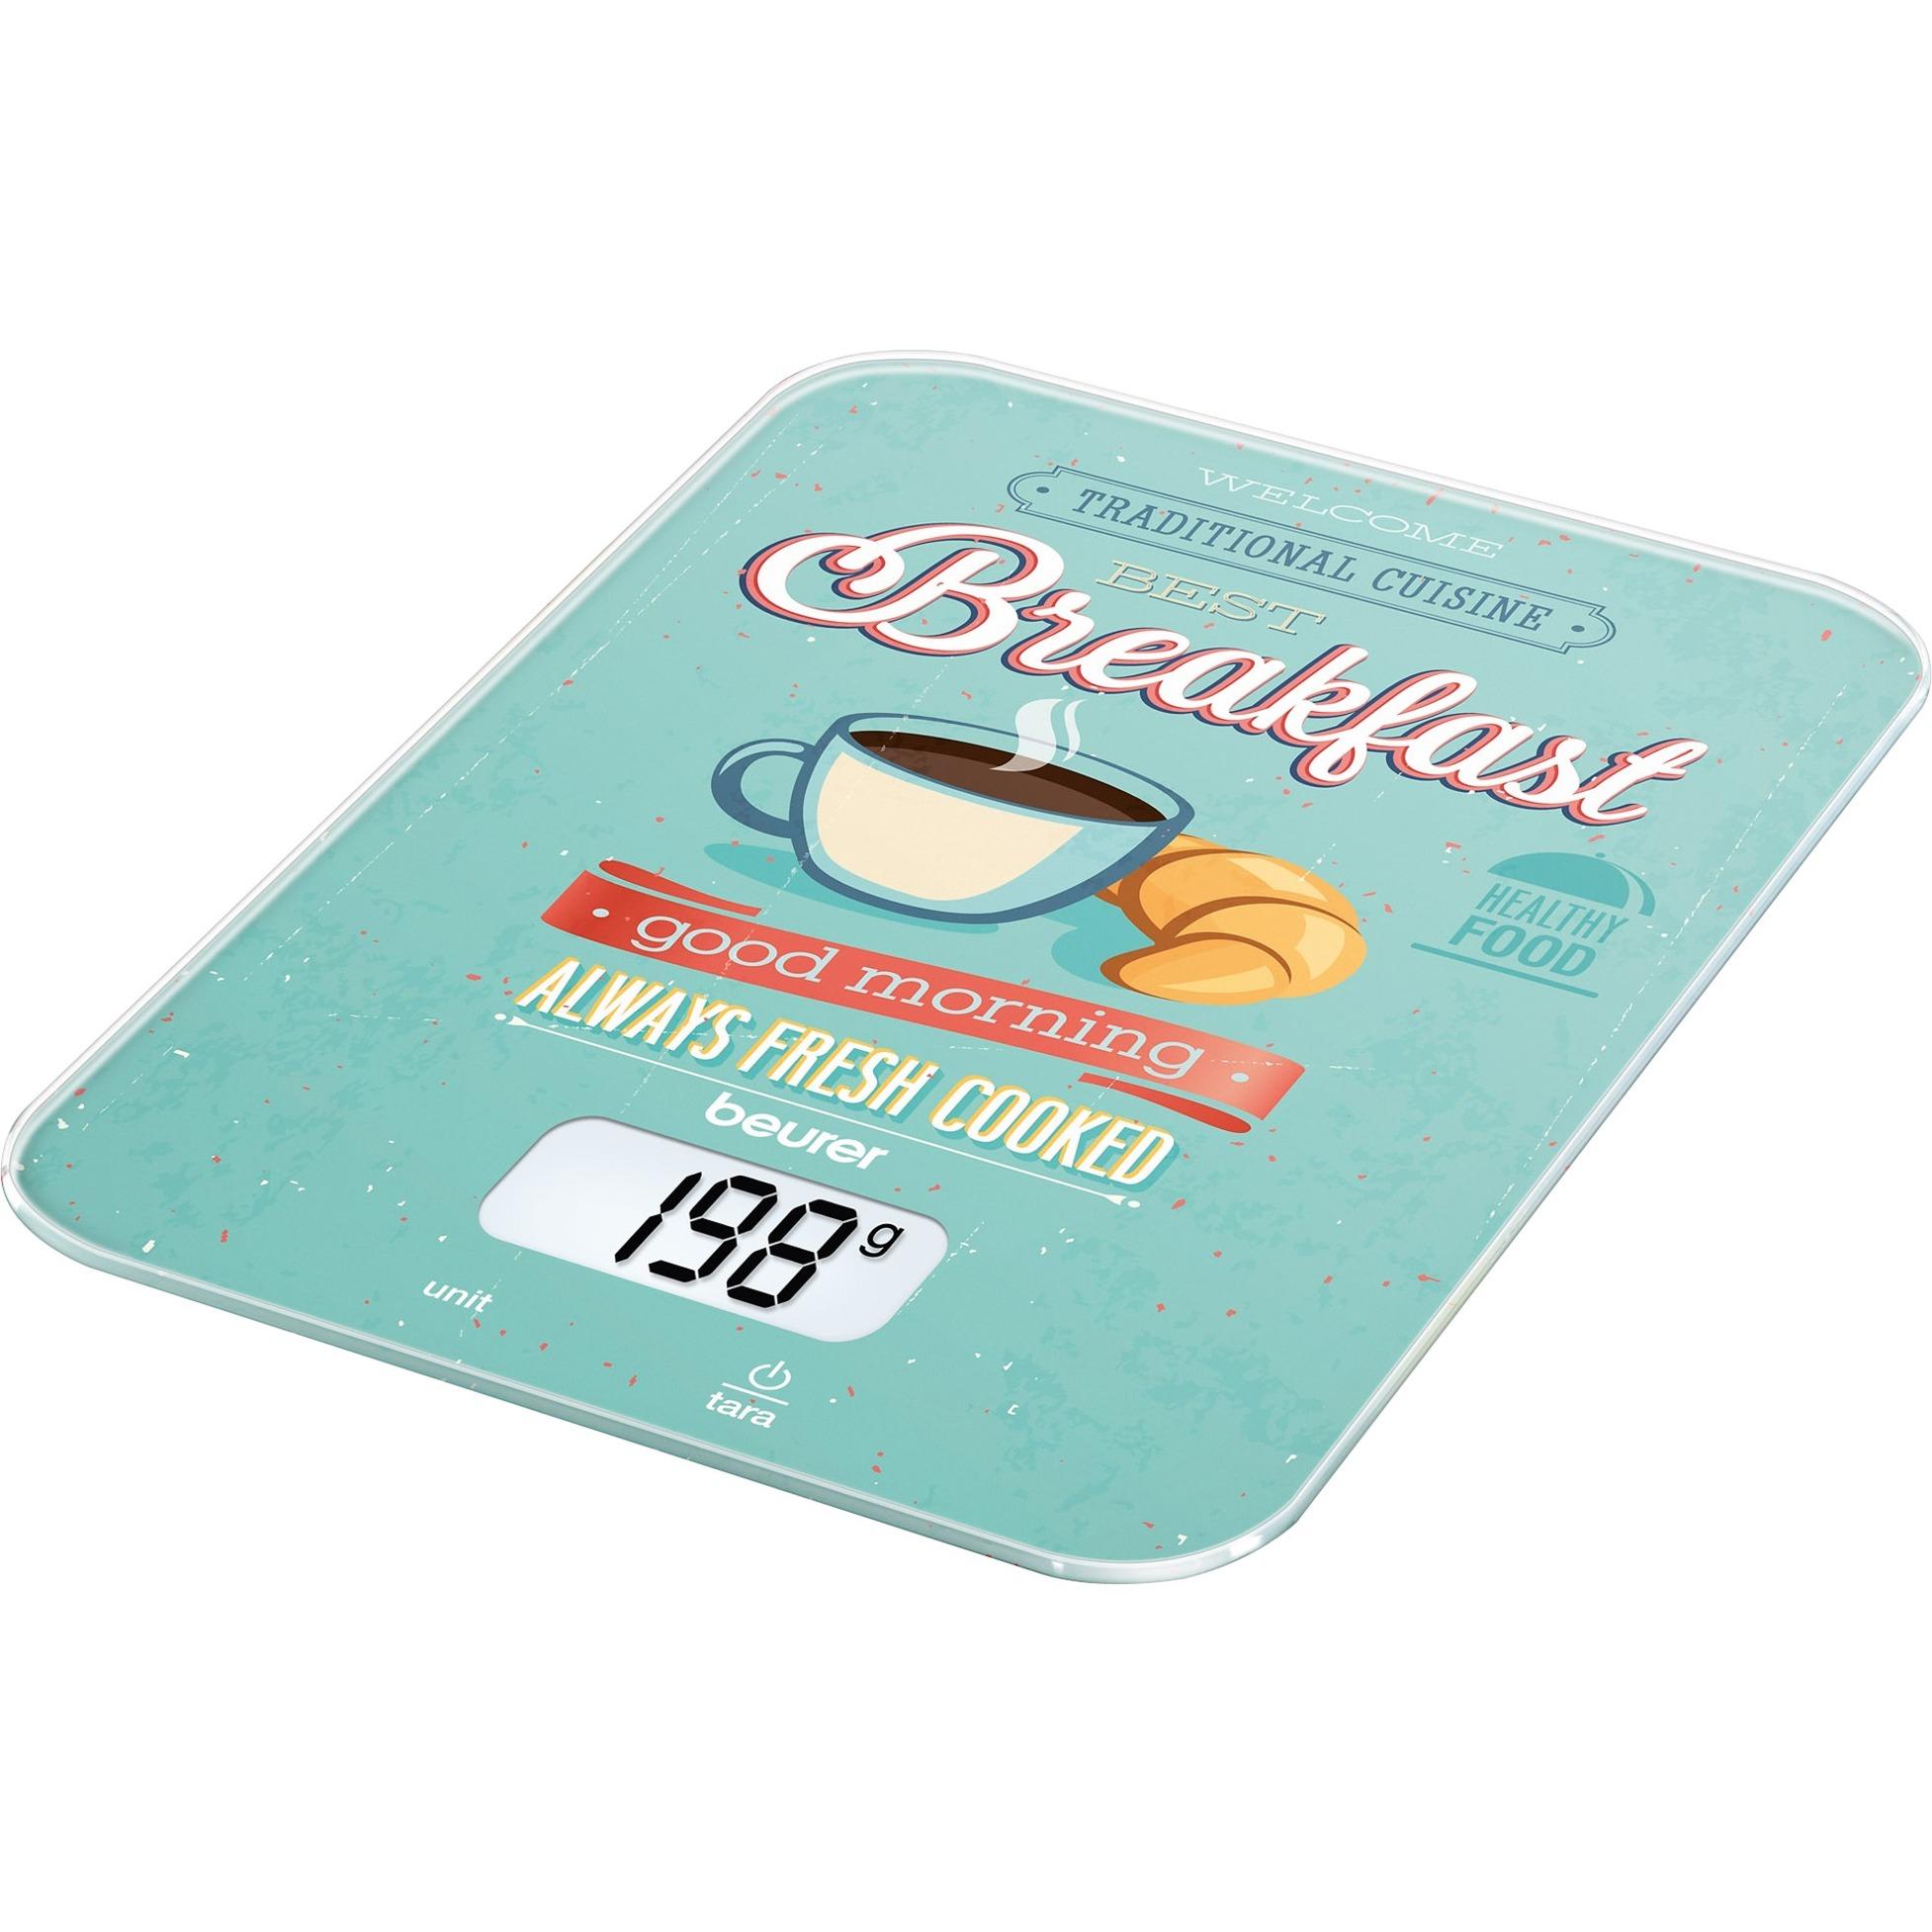 KS 19 Breakfast, Balanza de cocina